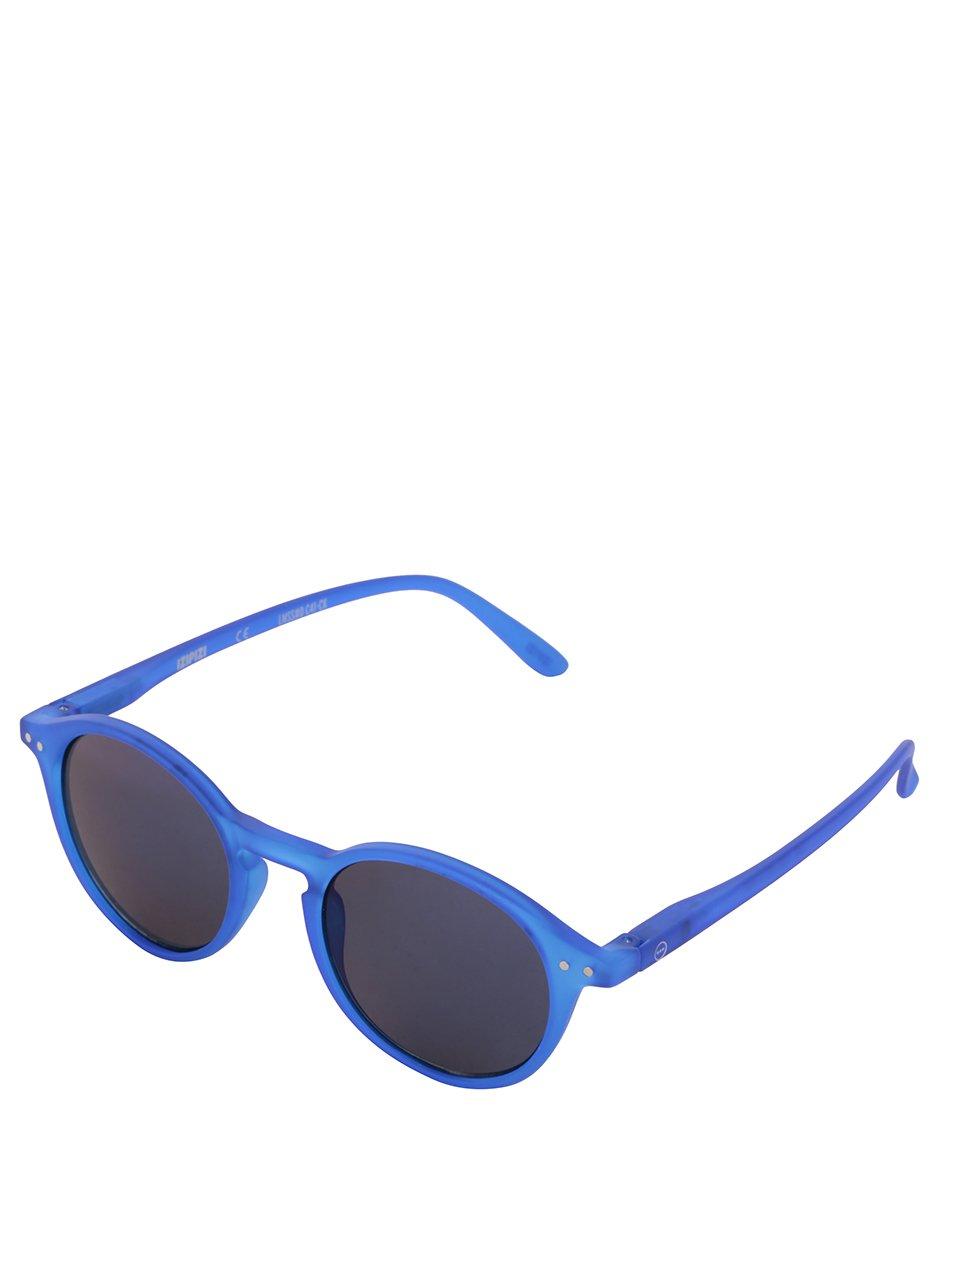 fe4ba342c Modré unisex slnečné okuliare so zrkadlovými modrými sklami IZIPIZI ...